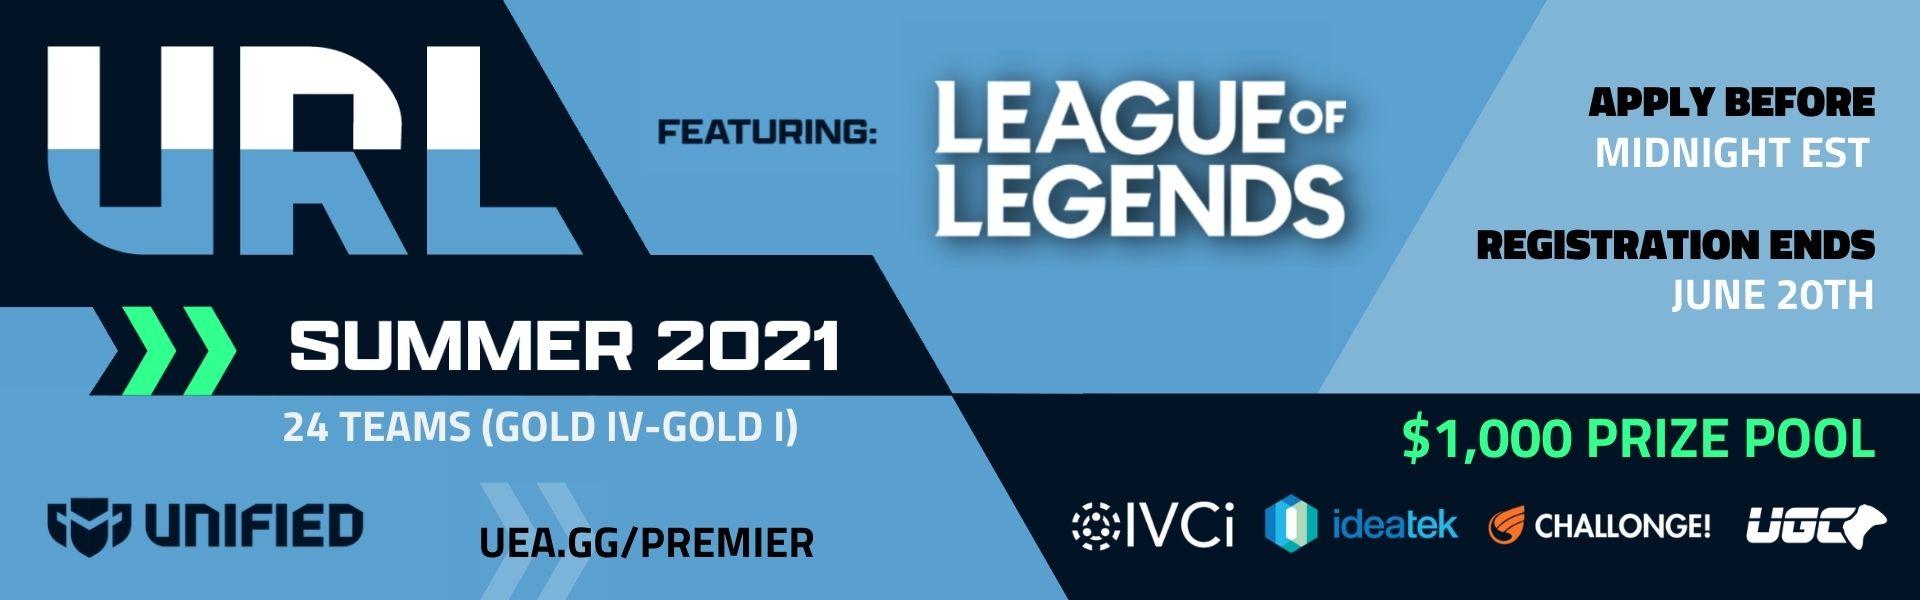 Upsurge Rookie League - League of Legends - Summer 2021